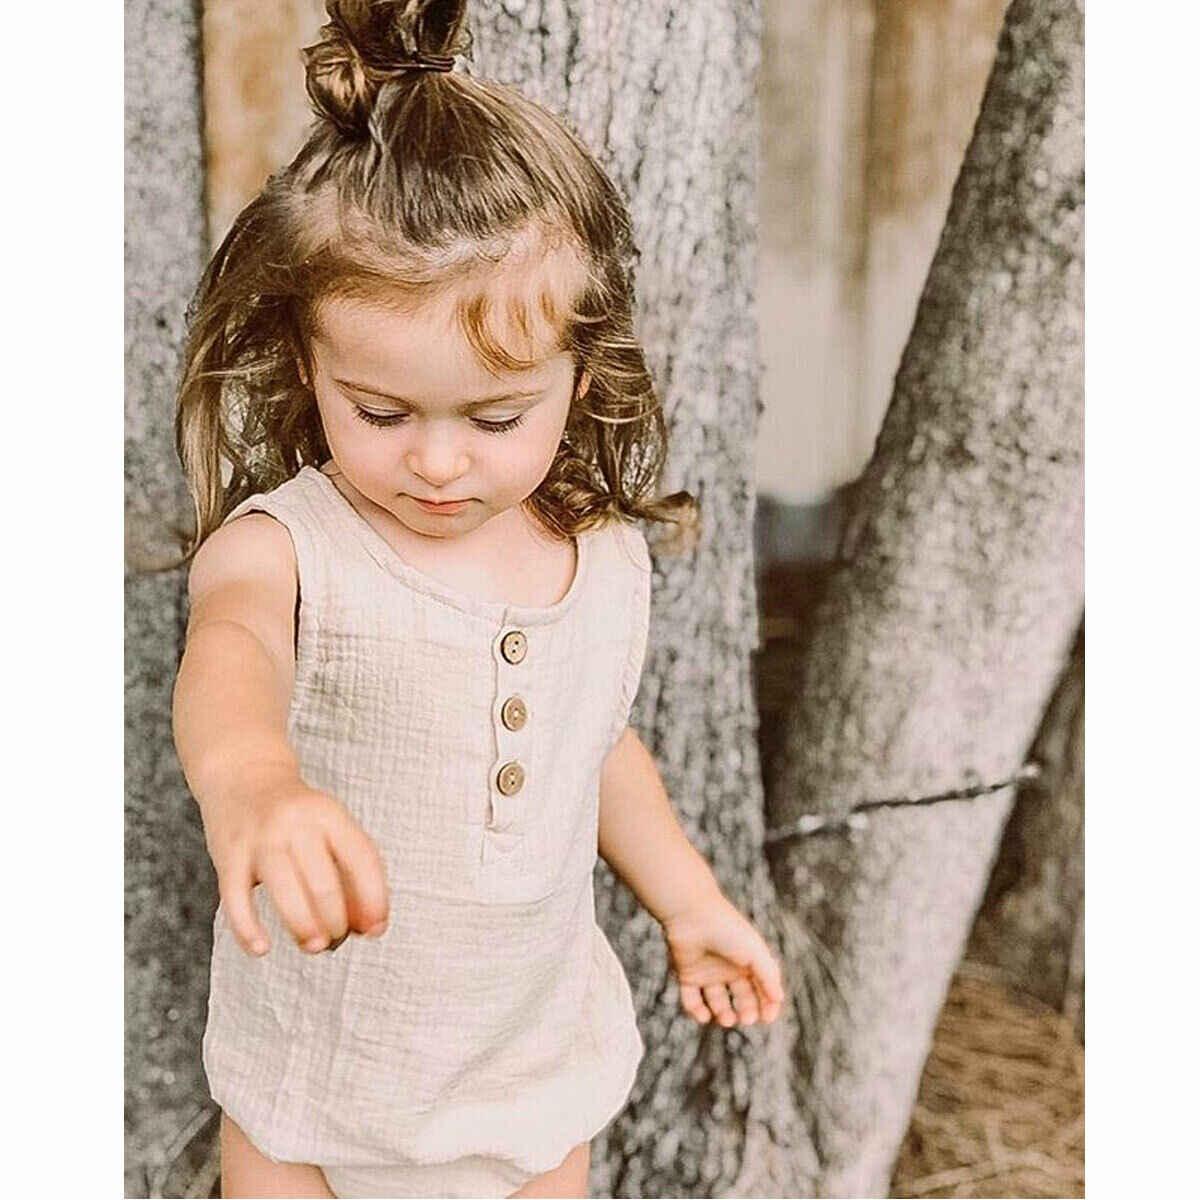 2019 nowy stałe maluch dziewczynka Kid bez rękawów O Neck bawełna Romper kombinezon letnie ubrania odzież dla niemowląt